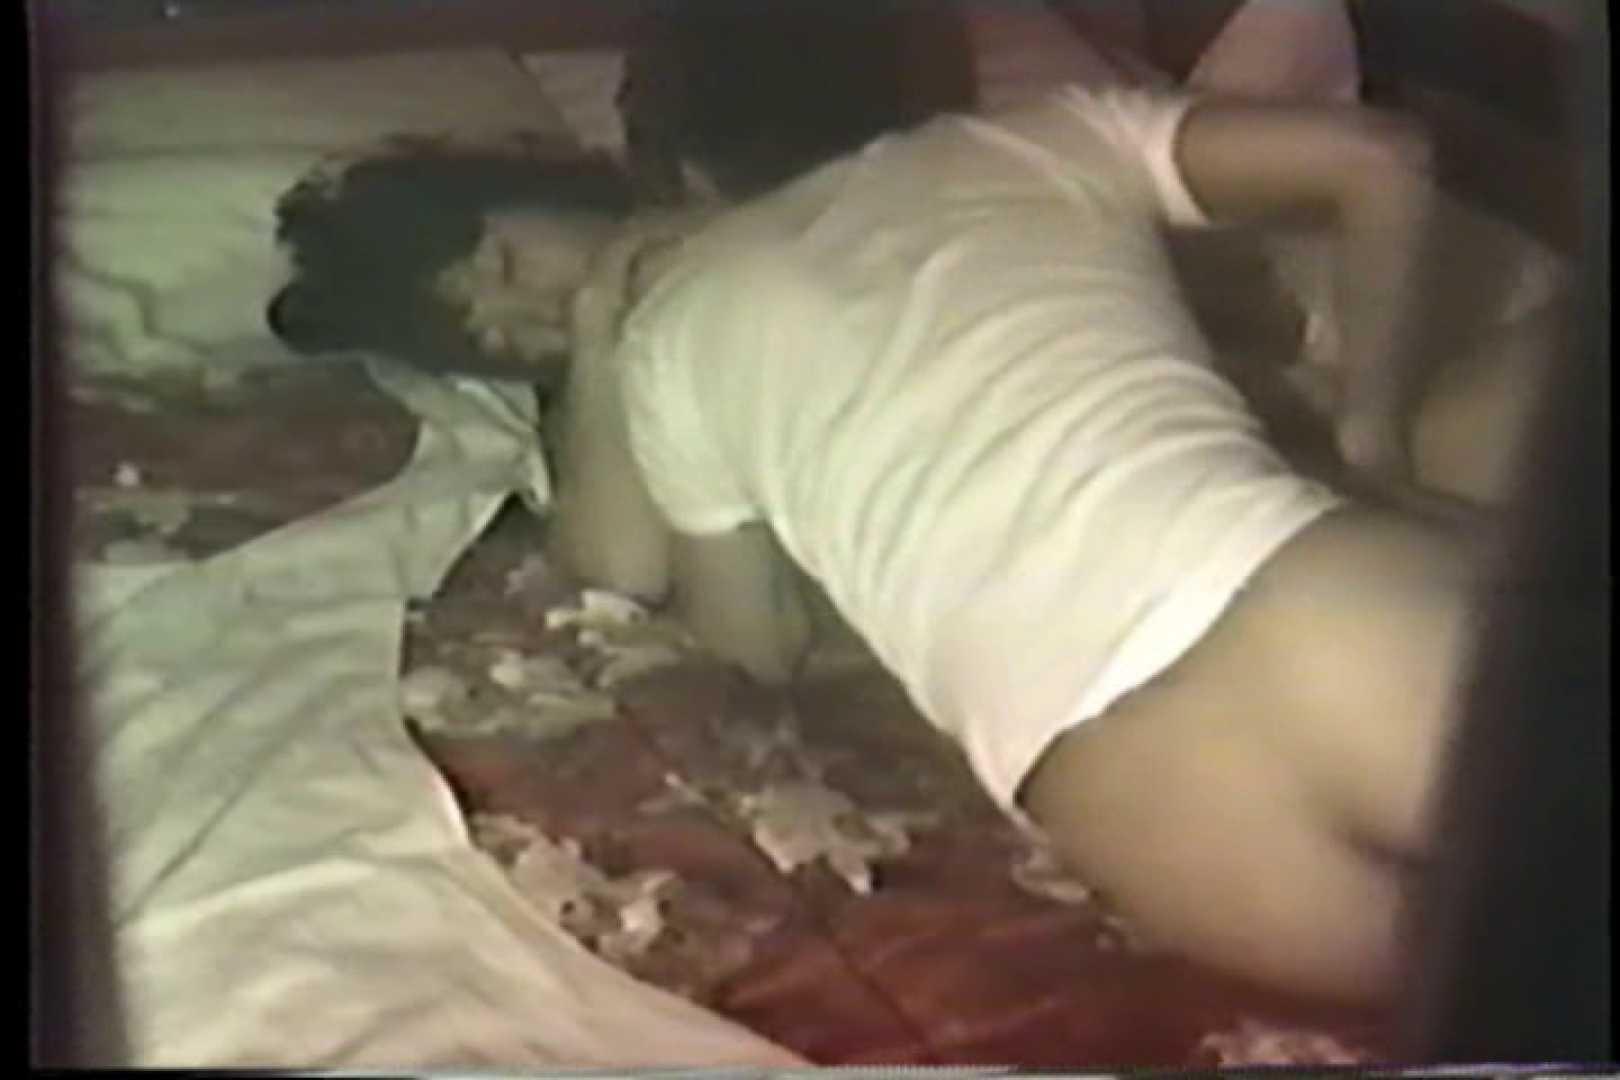 実録!ラブホテル~消し忘れ注意!昭和の色編~ vol.11 SEX セックス画像 69画像 12